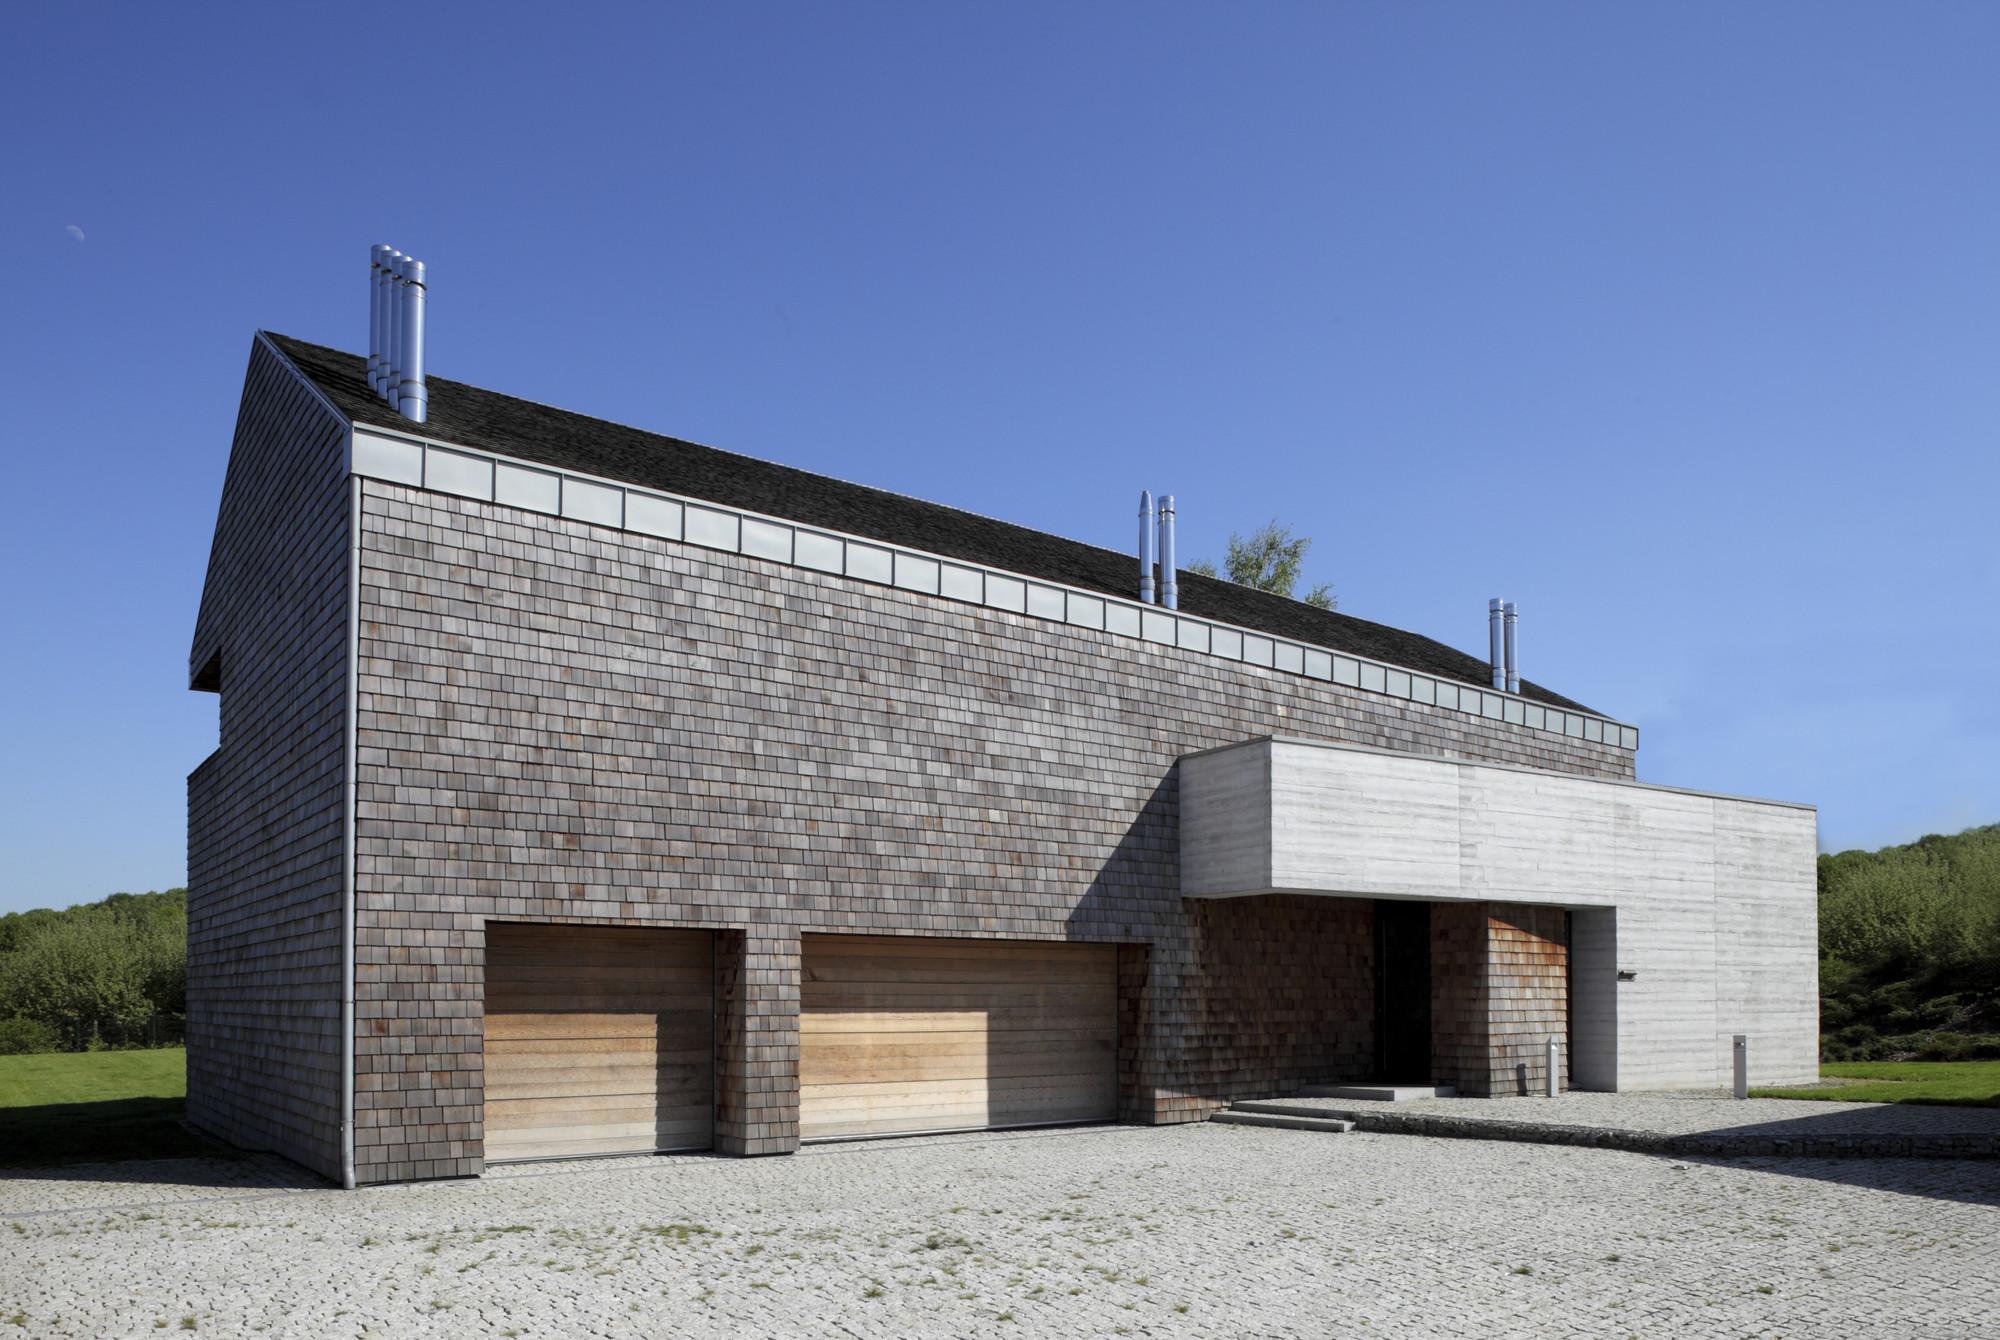 Concrete and Cedar Lath Villa / Biuro Architektoniczne Barycz & Saramowicz